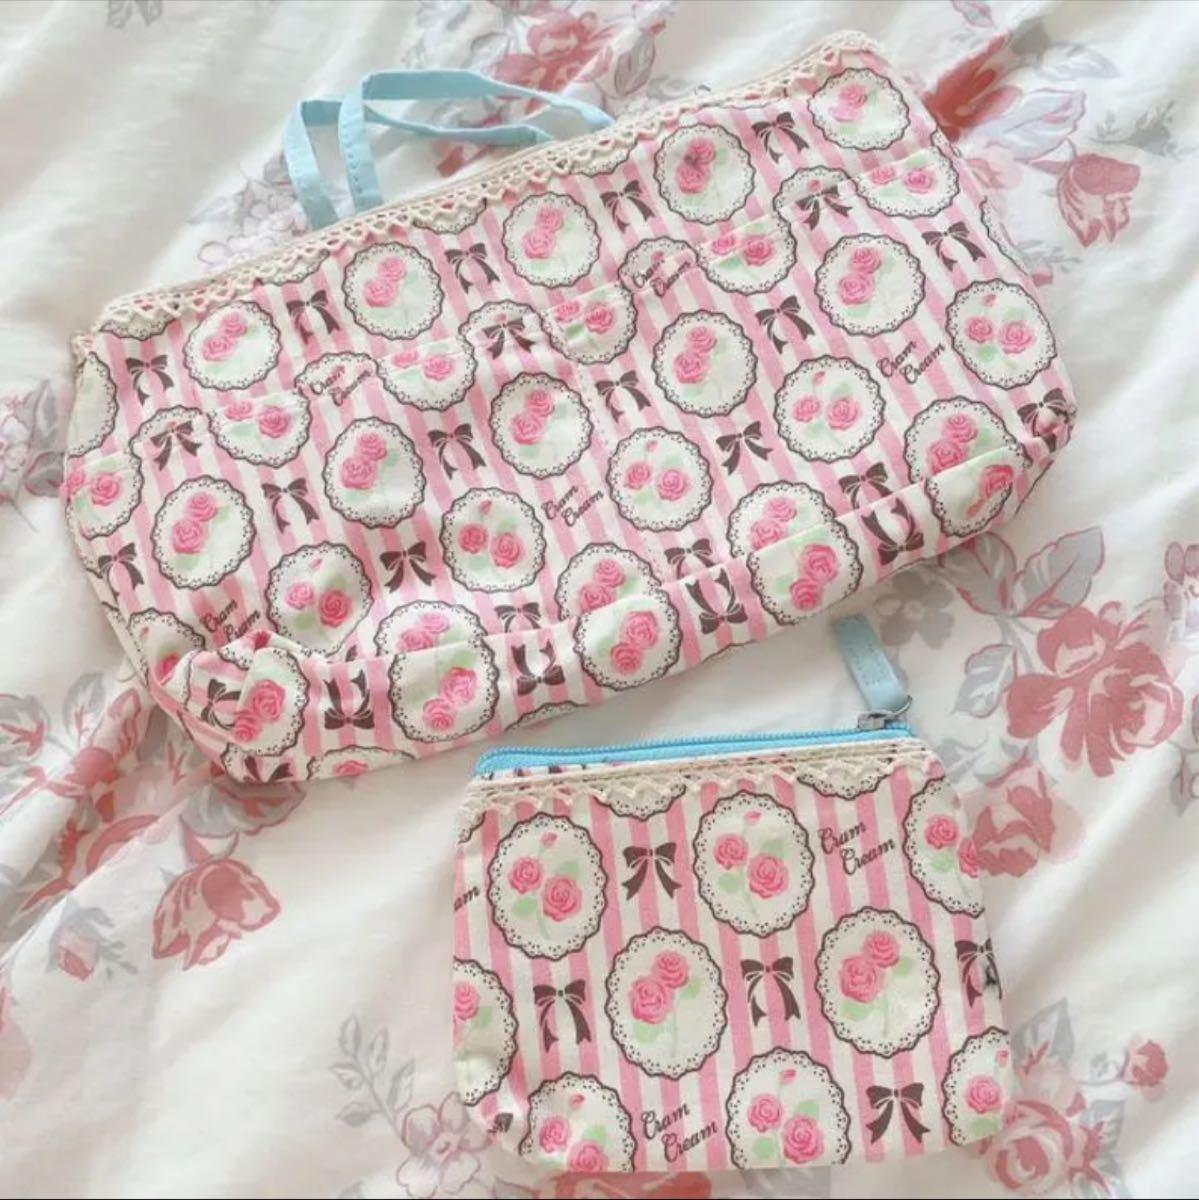 バッグインバッグ ポーチ 薔薇柄 ローズ 収納 整理用品  ハンドメイド  花柄 ファッション レディース バッグ 整理 収納